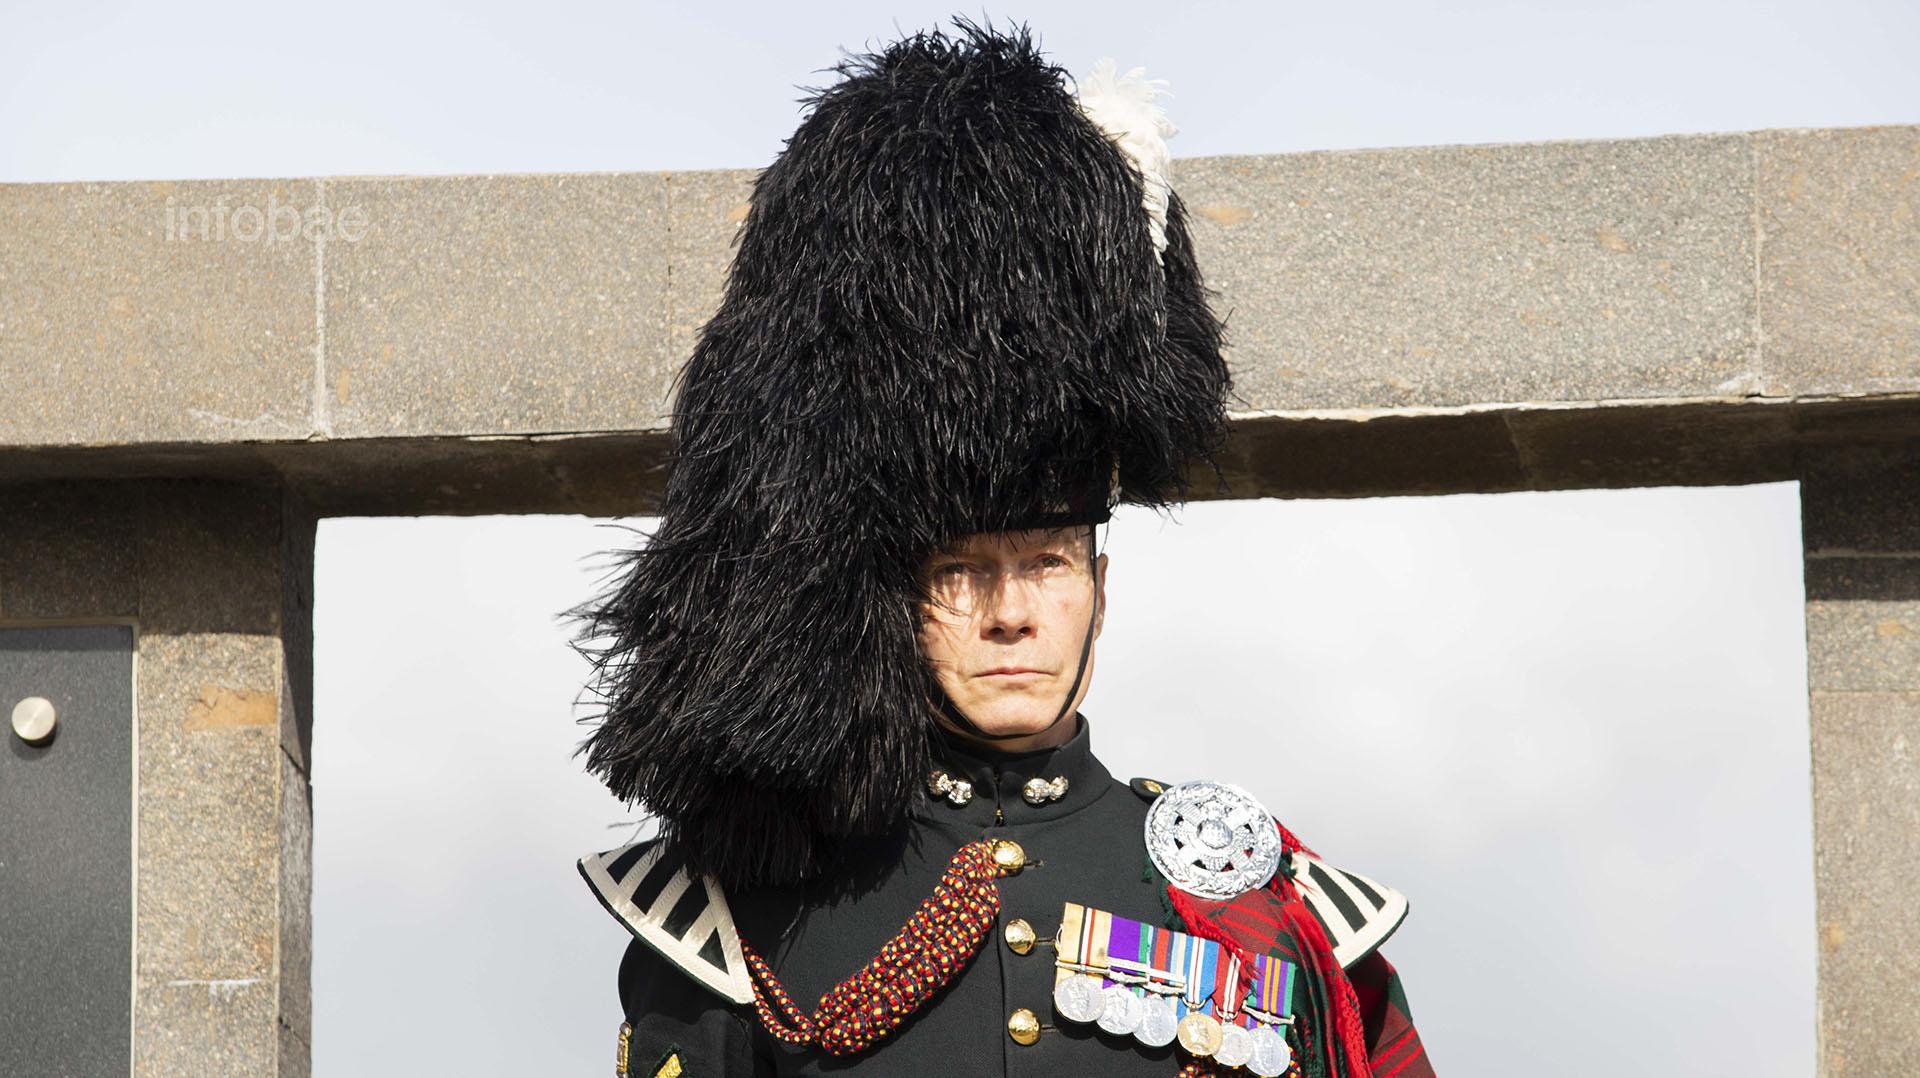 Los representantes de la Guardia Británica demostraron un respeto absoluto en todo momento hacia el duelo de los familiares de los soldados argentinos caídos en Malvinas